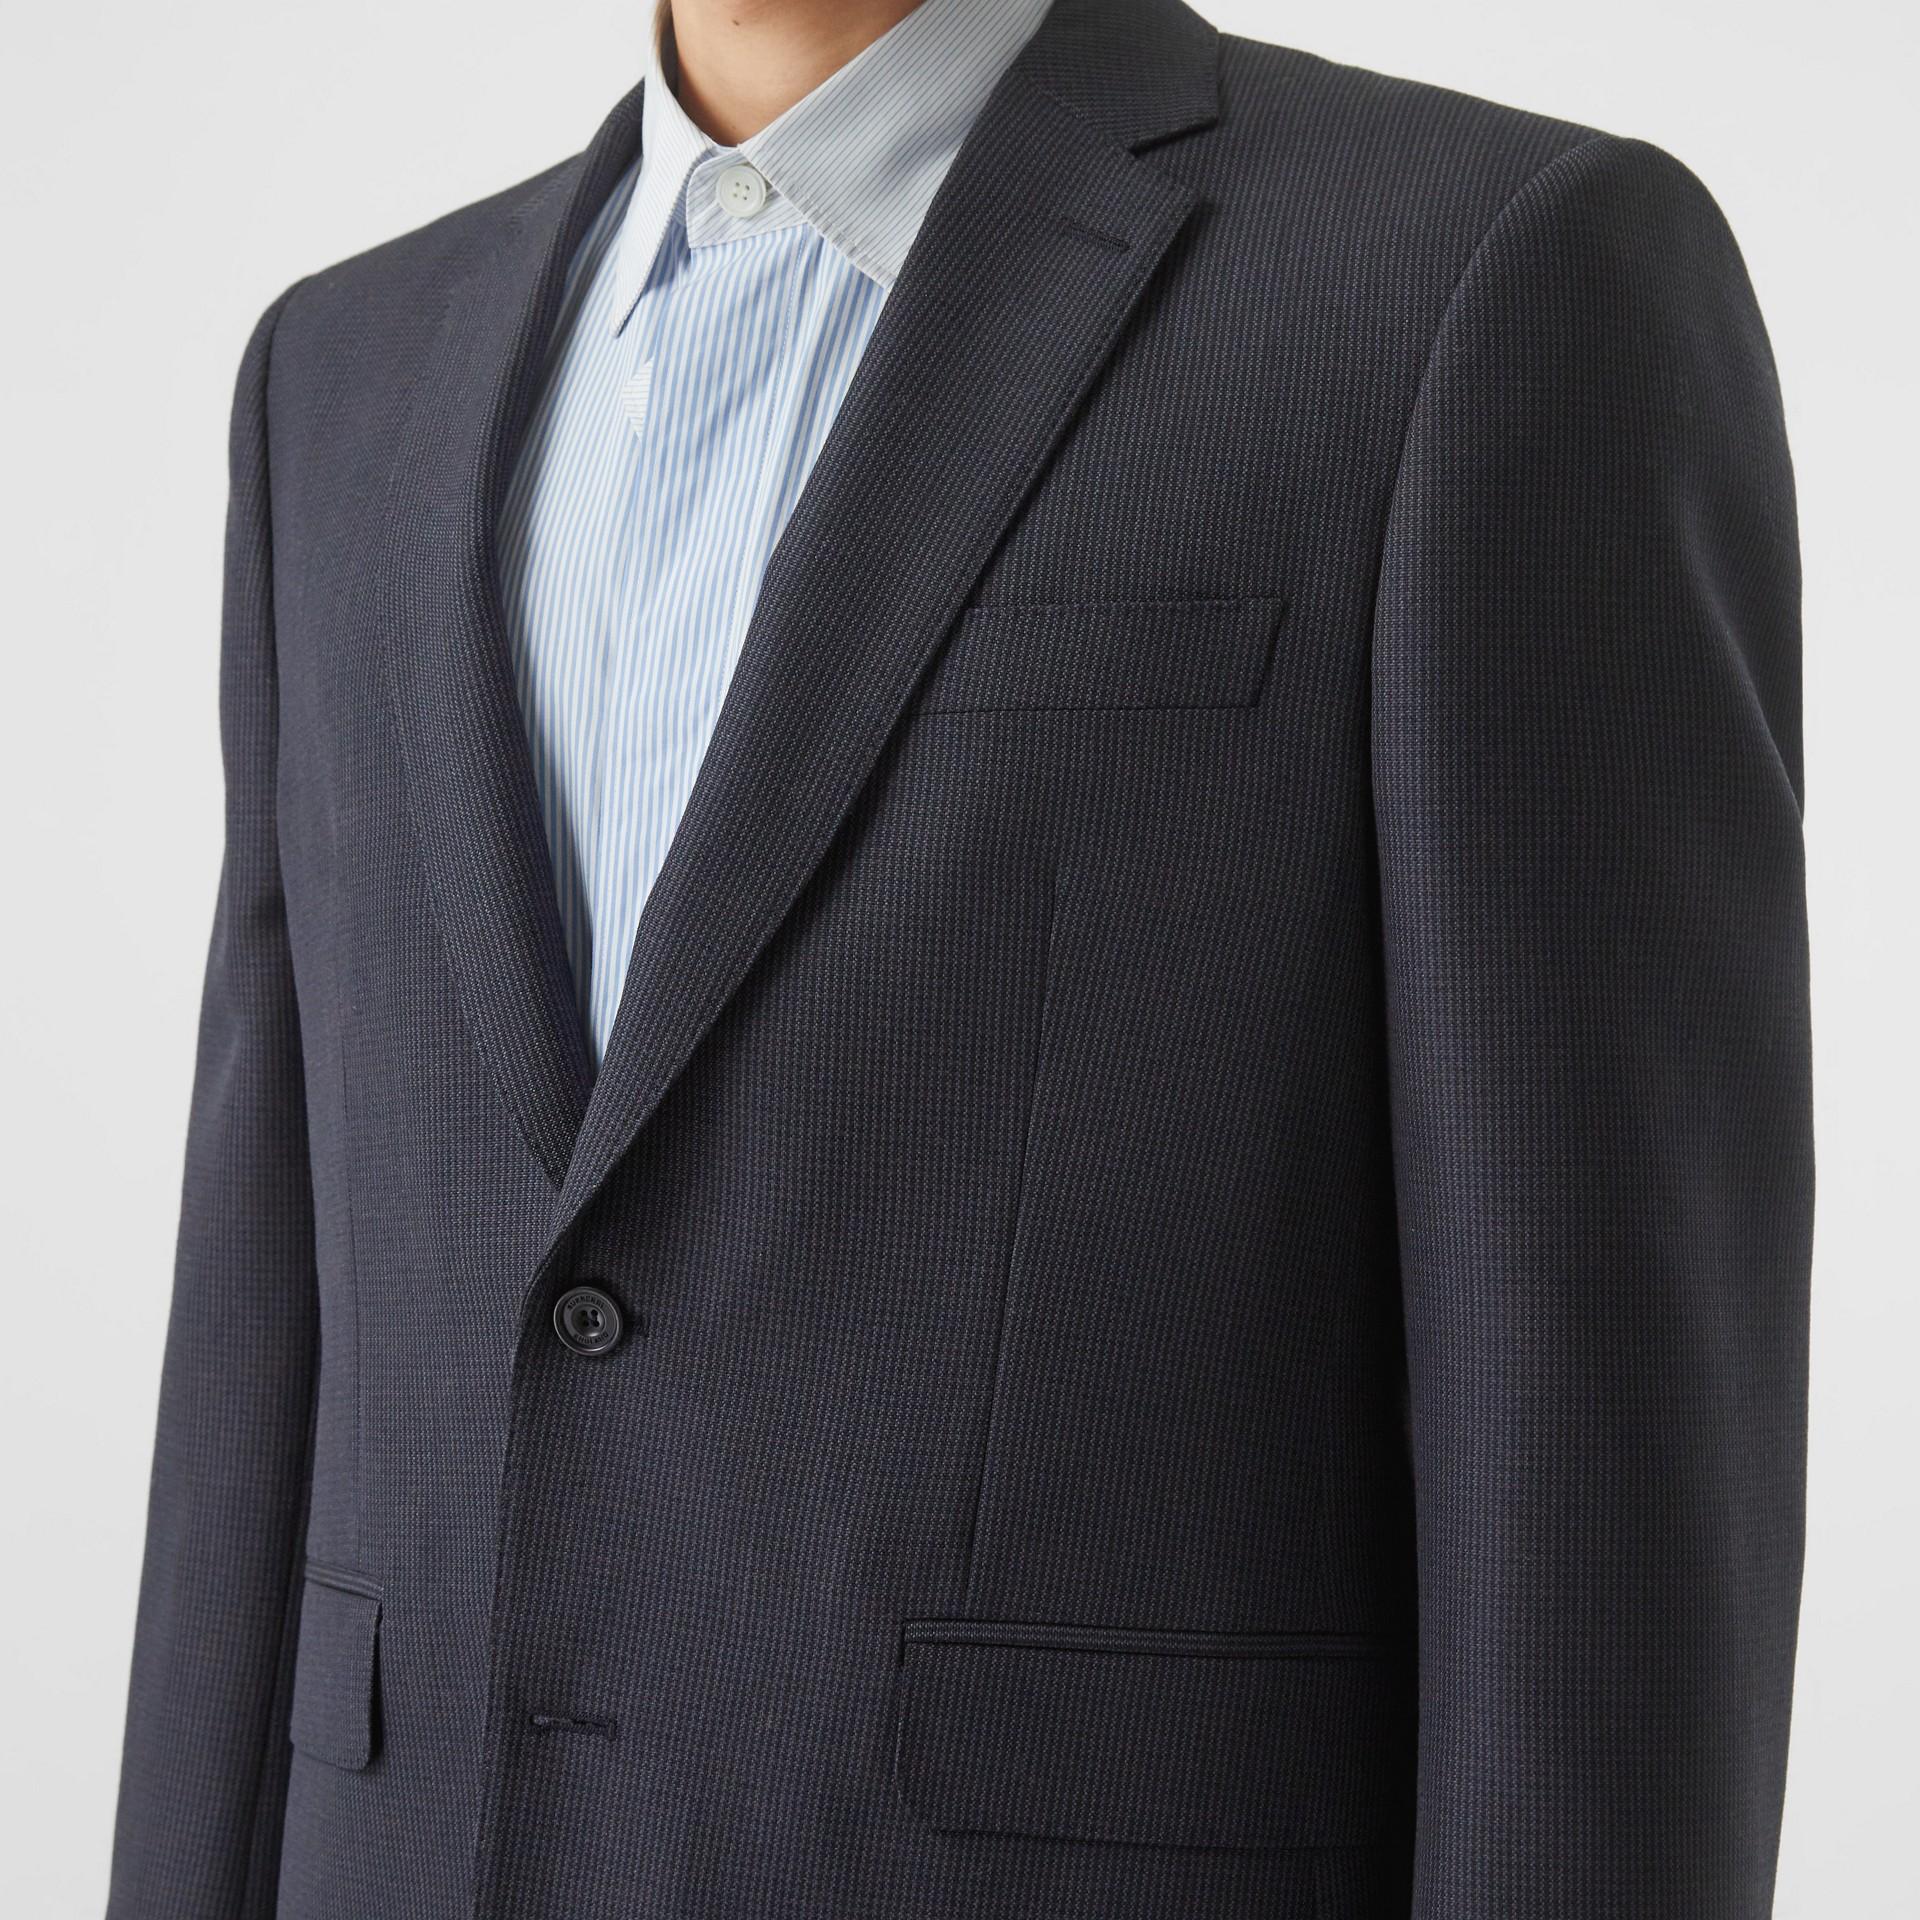 クラシックフィット パピートゥースチェック ウールモヘア スーツ (ネイビー) - メンズ | バーバリー - ギャラリーイメージ 1